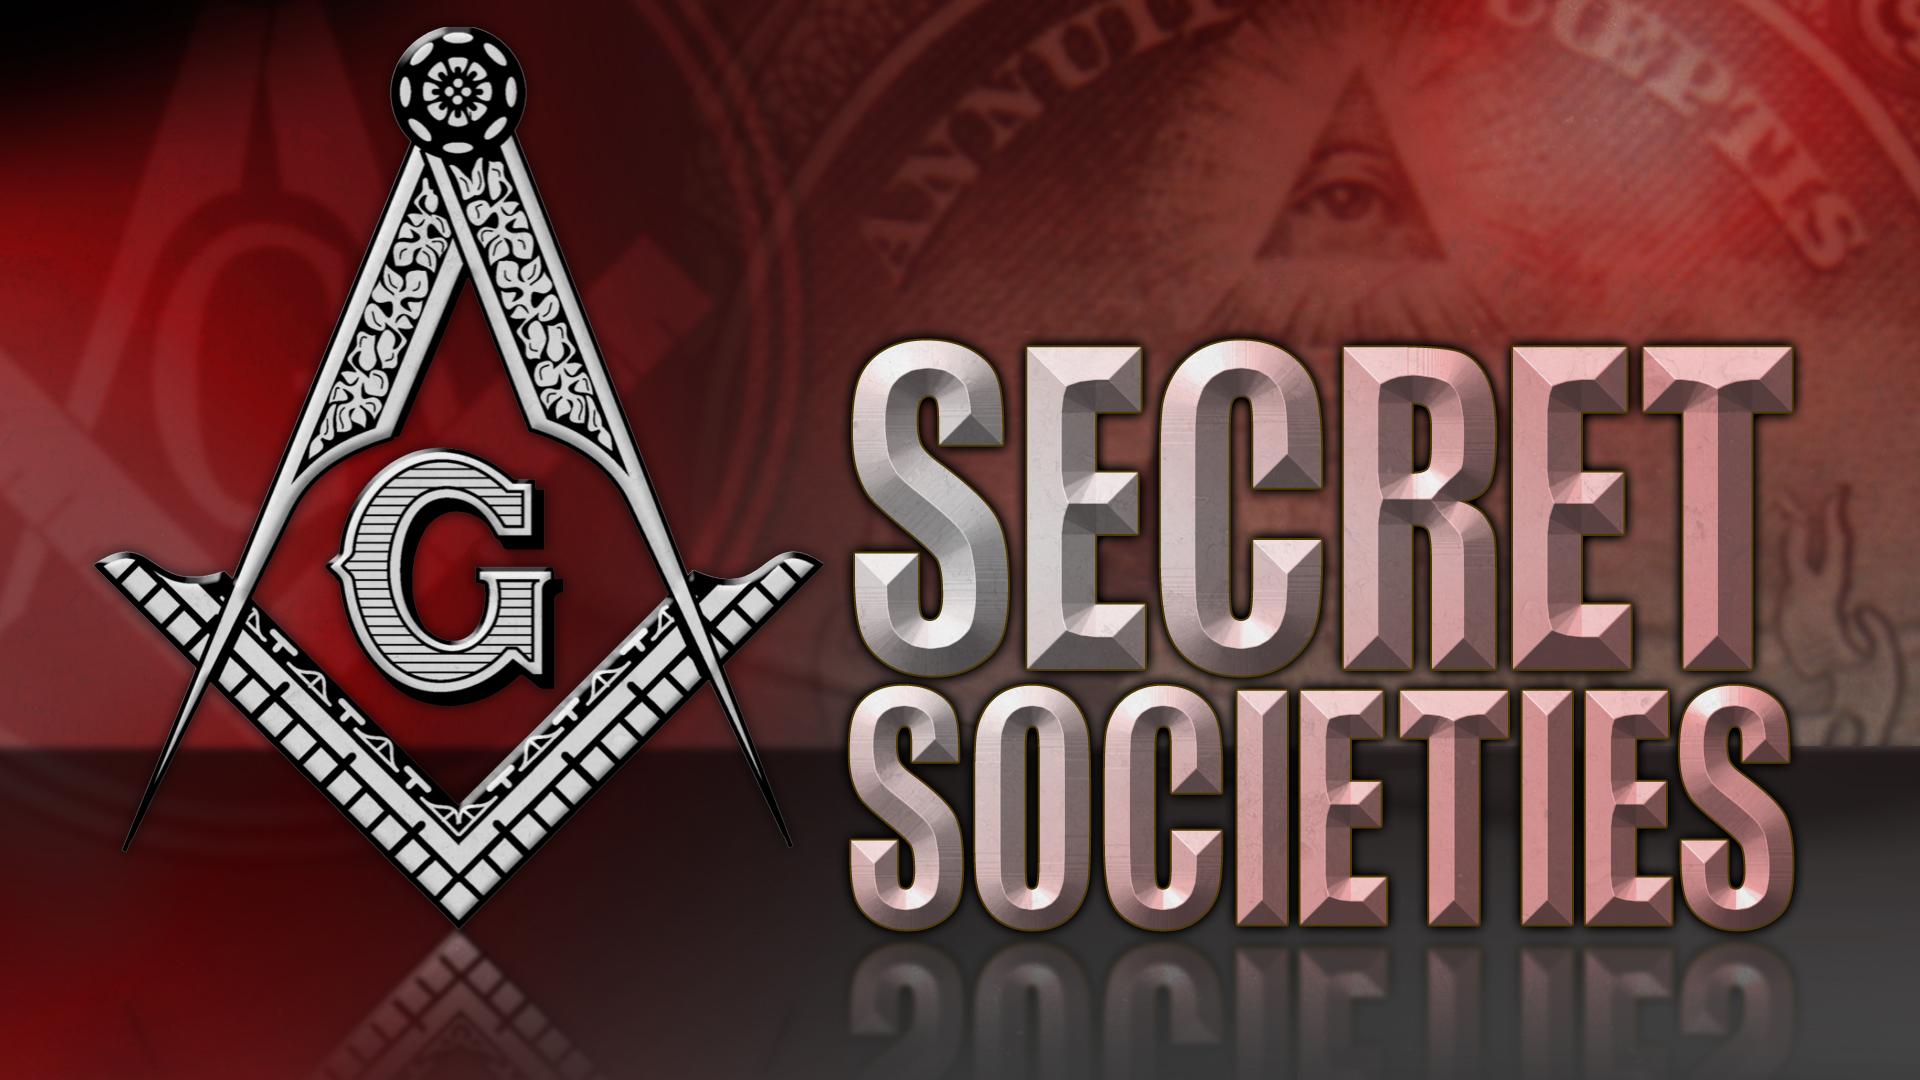 Prayer for Secret Societies